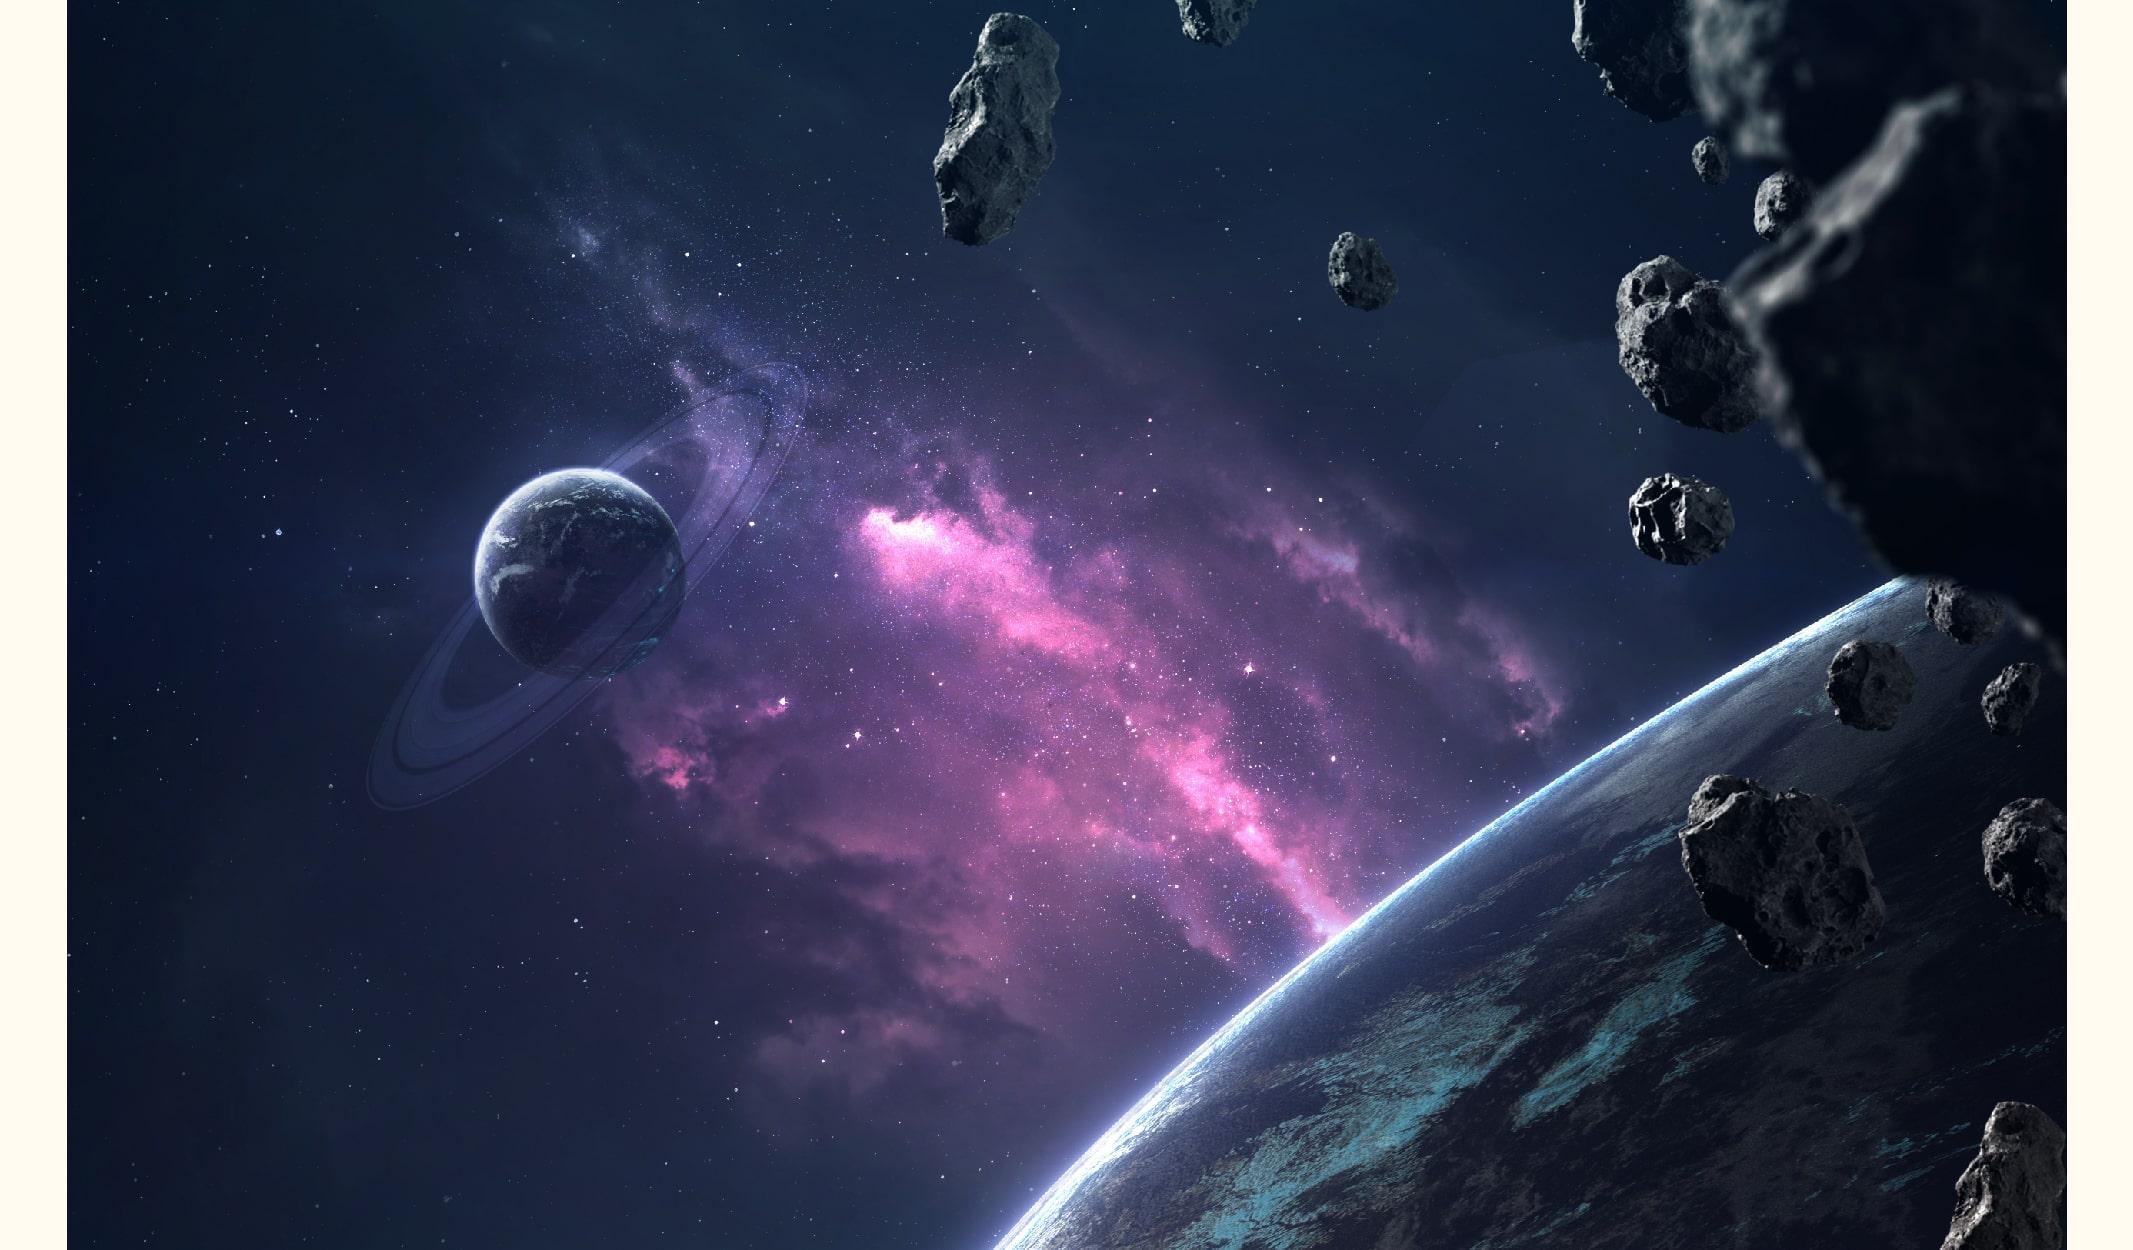 güneş sistemi, samanyolu, gezegen